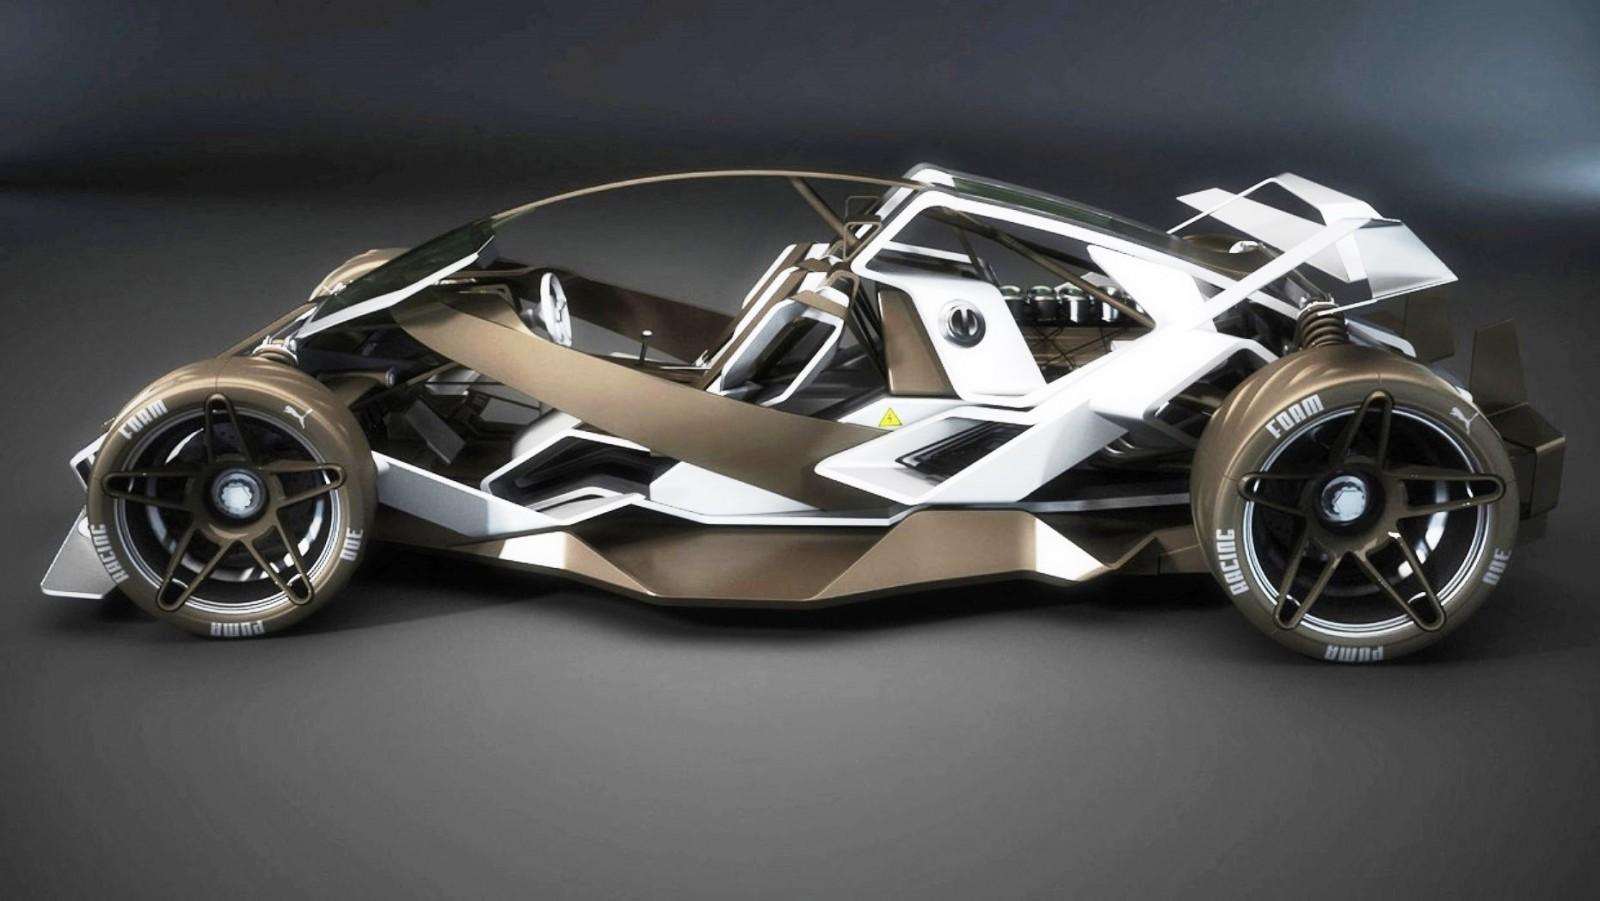 2020 Puma Boulevard Racer by Sabino Leerentveld 17